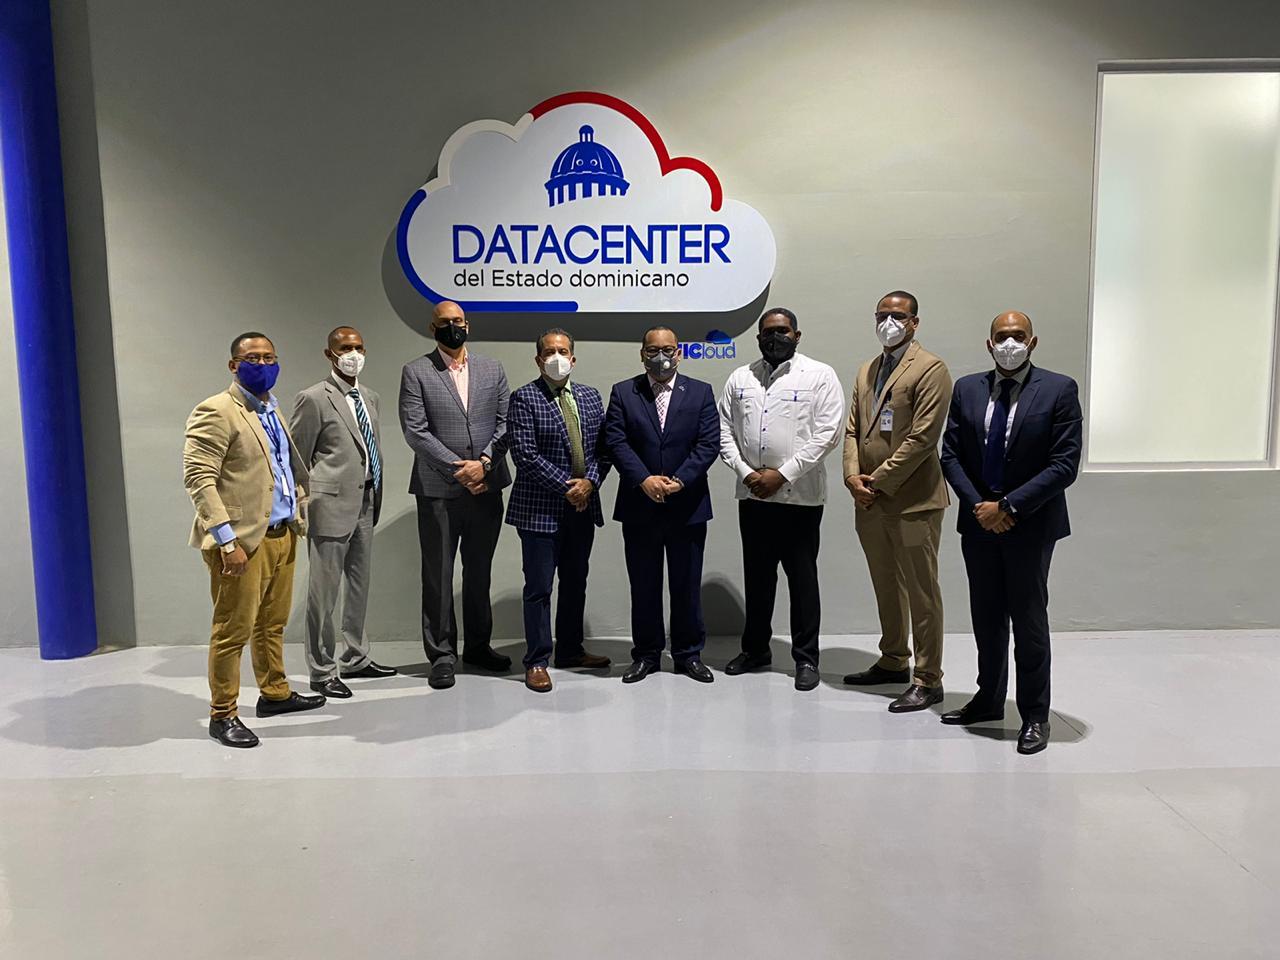 Visita del Centro Nacional de Ciberseguridad al Data Center del Estado Dominicano